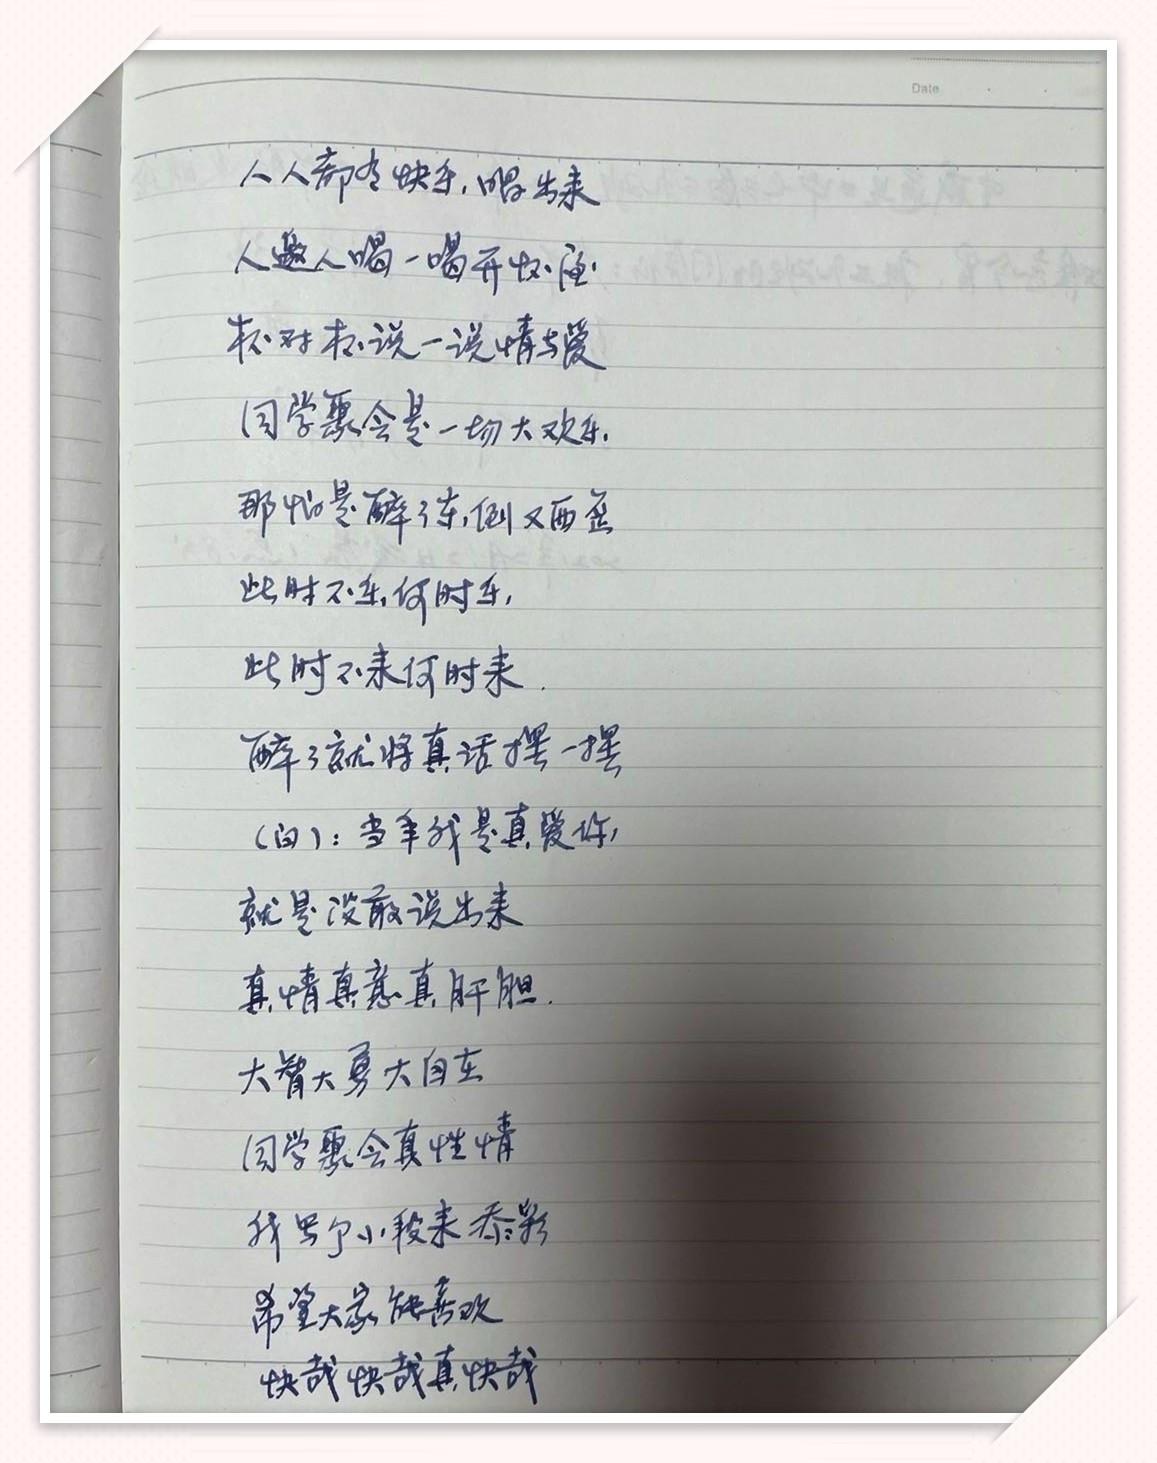 难忘除夕同学情_图1-4